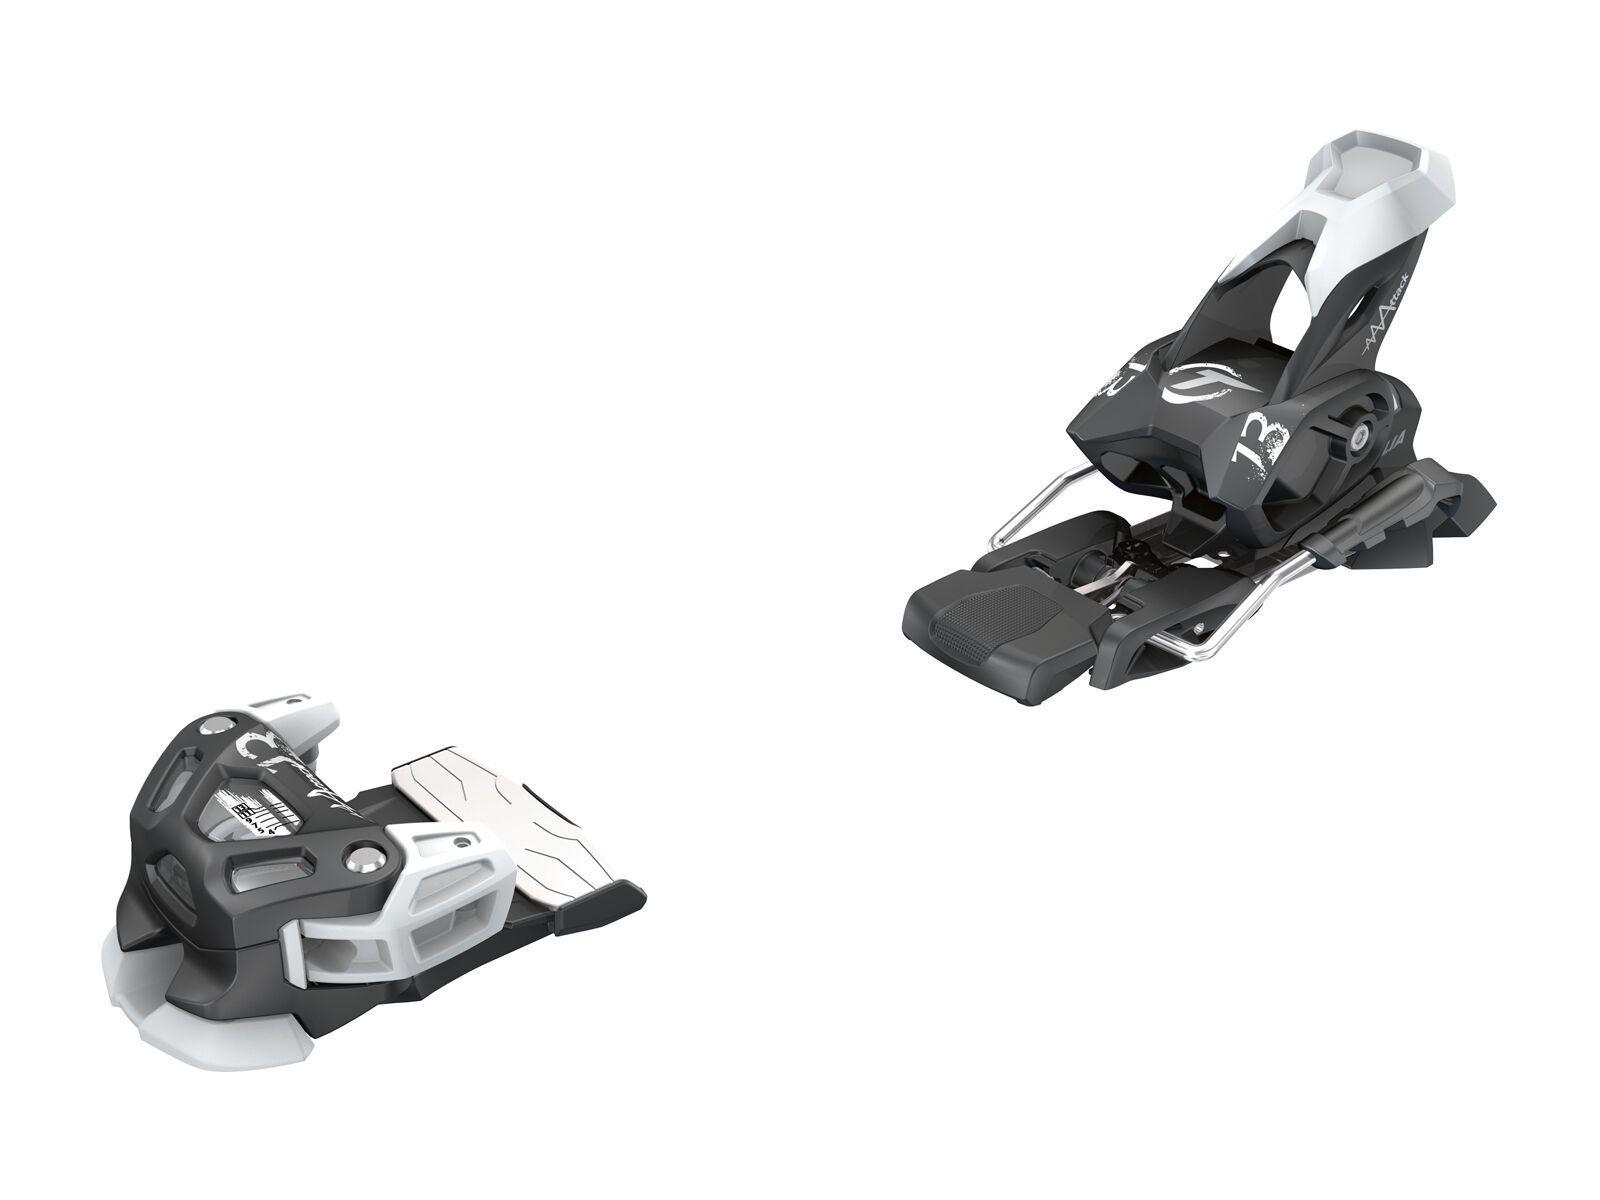 Set: K2 Shreditor 102 2016 + Tyrolia Attack 13 110 mm, solid black white - Skiset   Bild 3